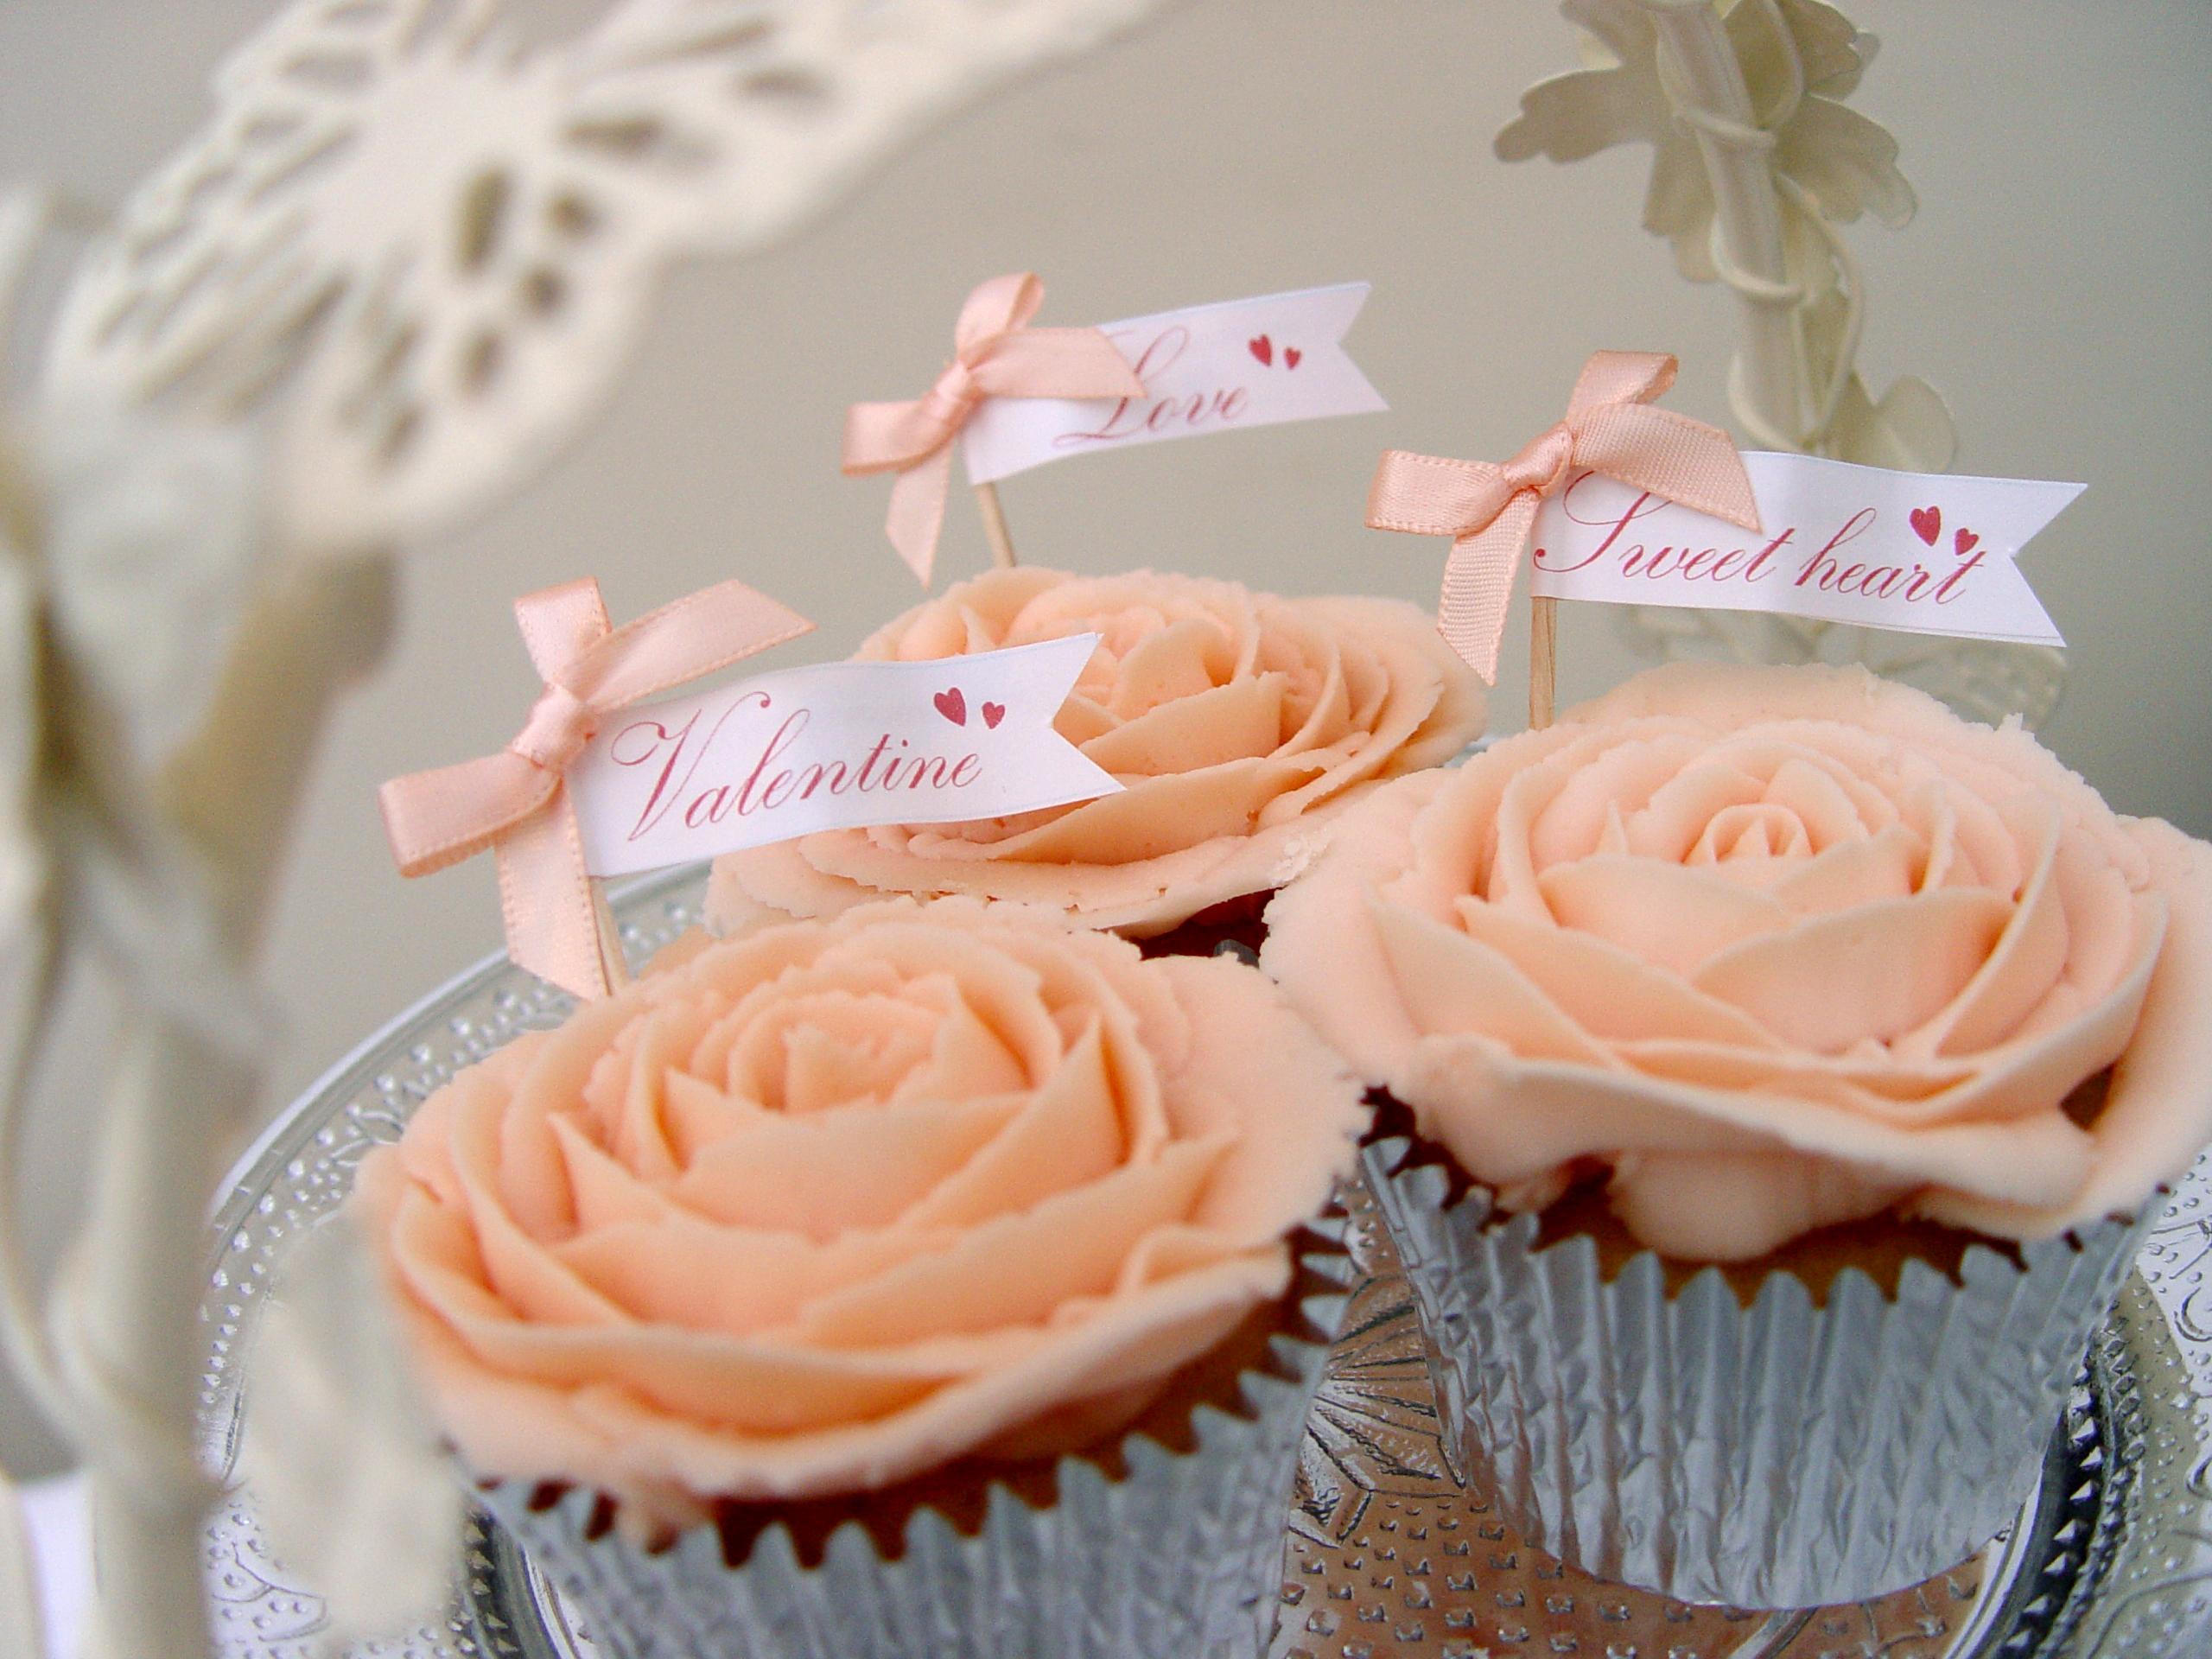 valentines-day-cakes-cupcakes-mumbai-23